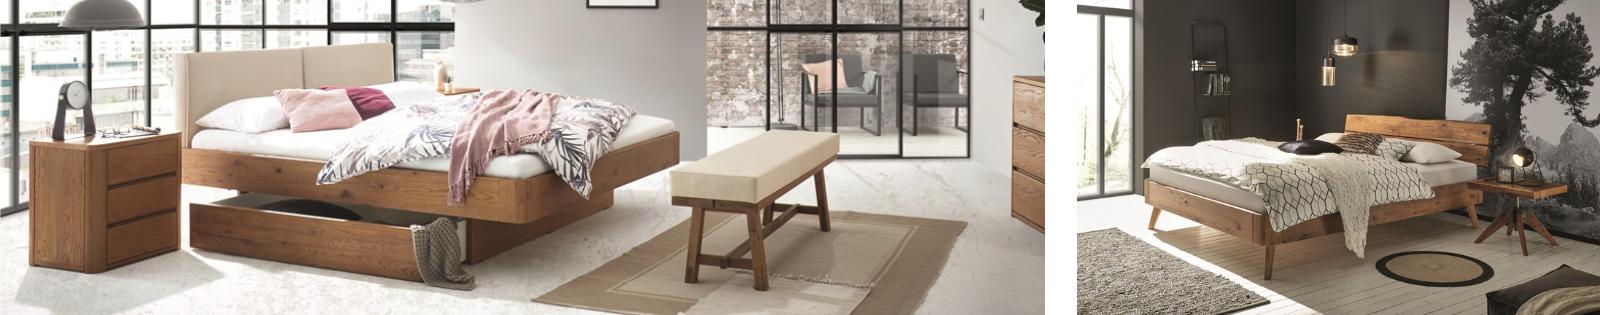 Gamme OAK PURO Hasena, meubles en chêne massif noueux et sauvage.